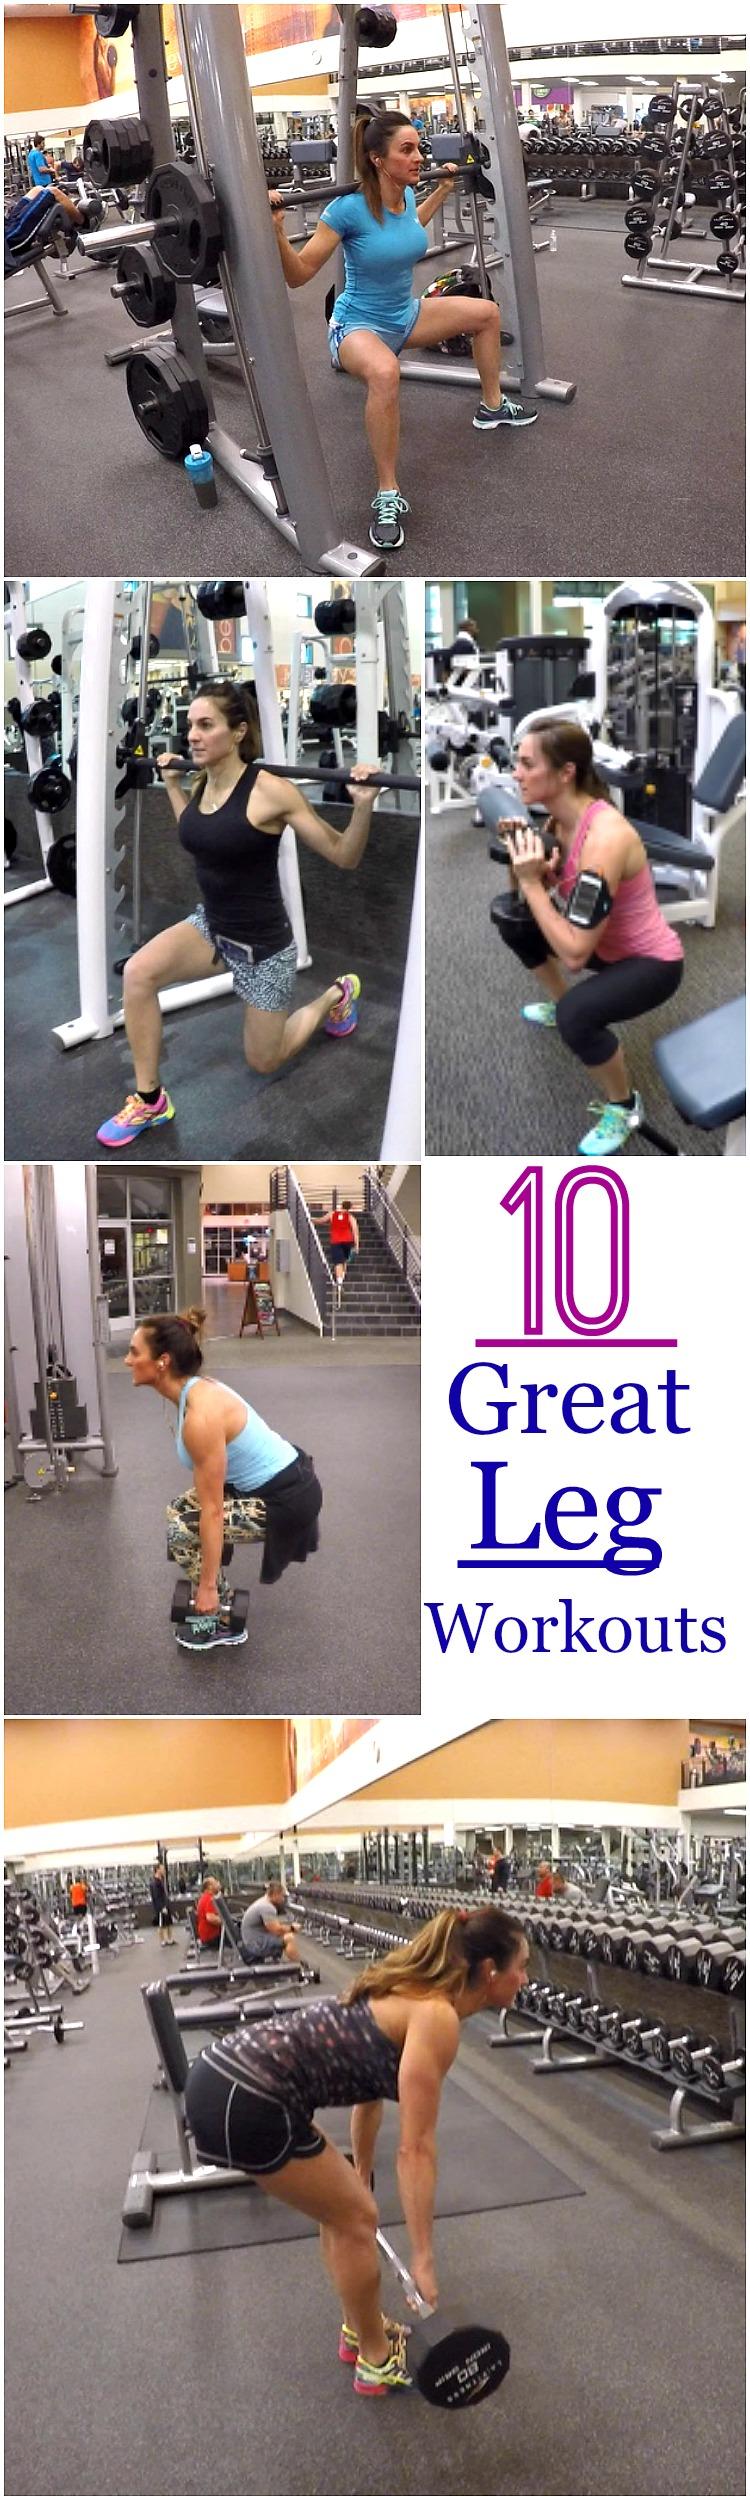 10_leg_workouts